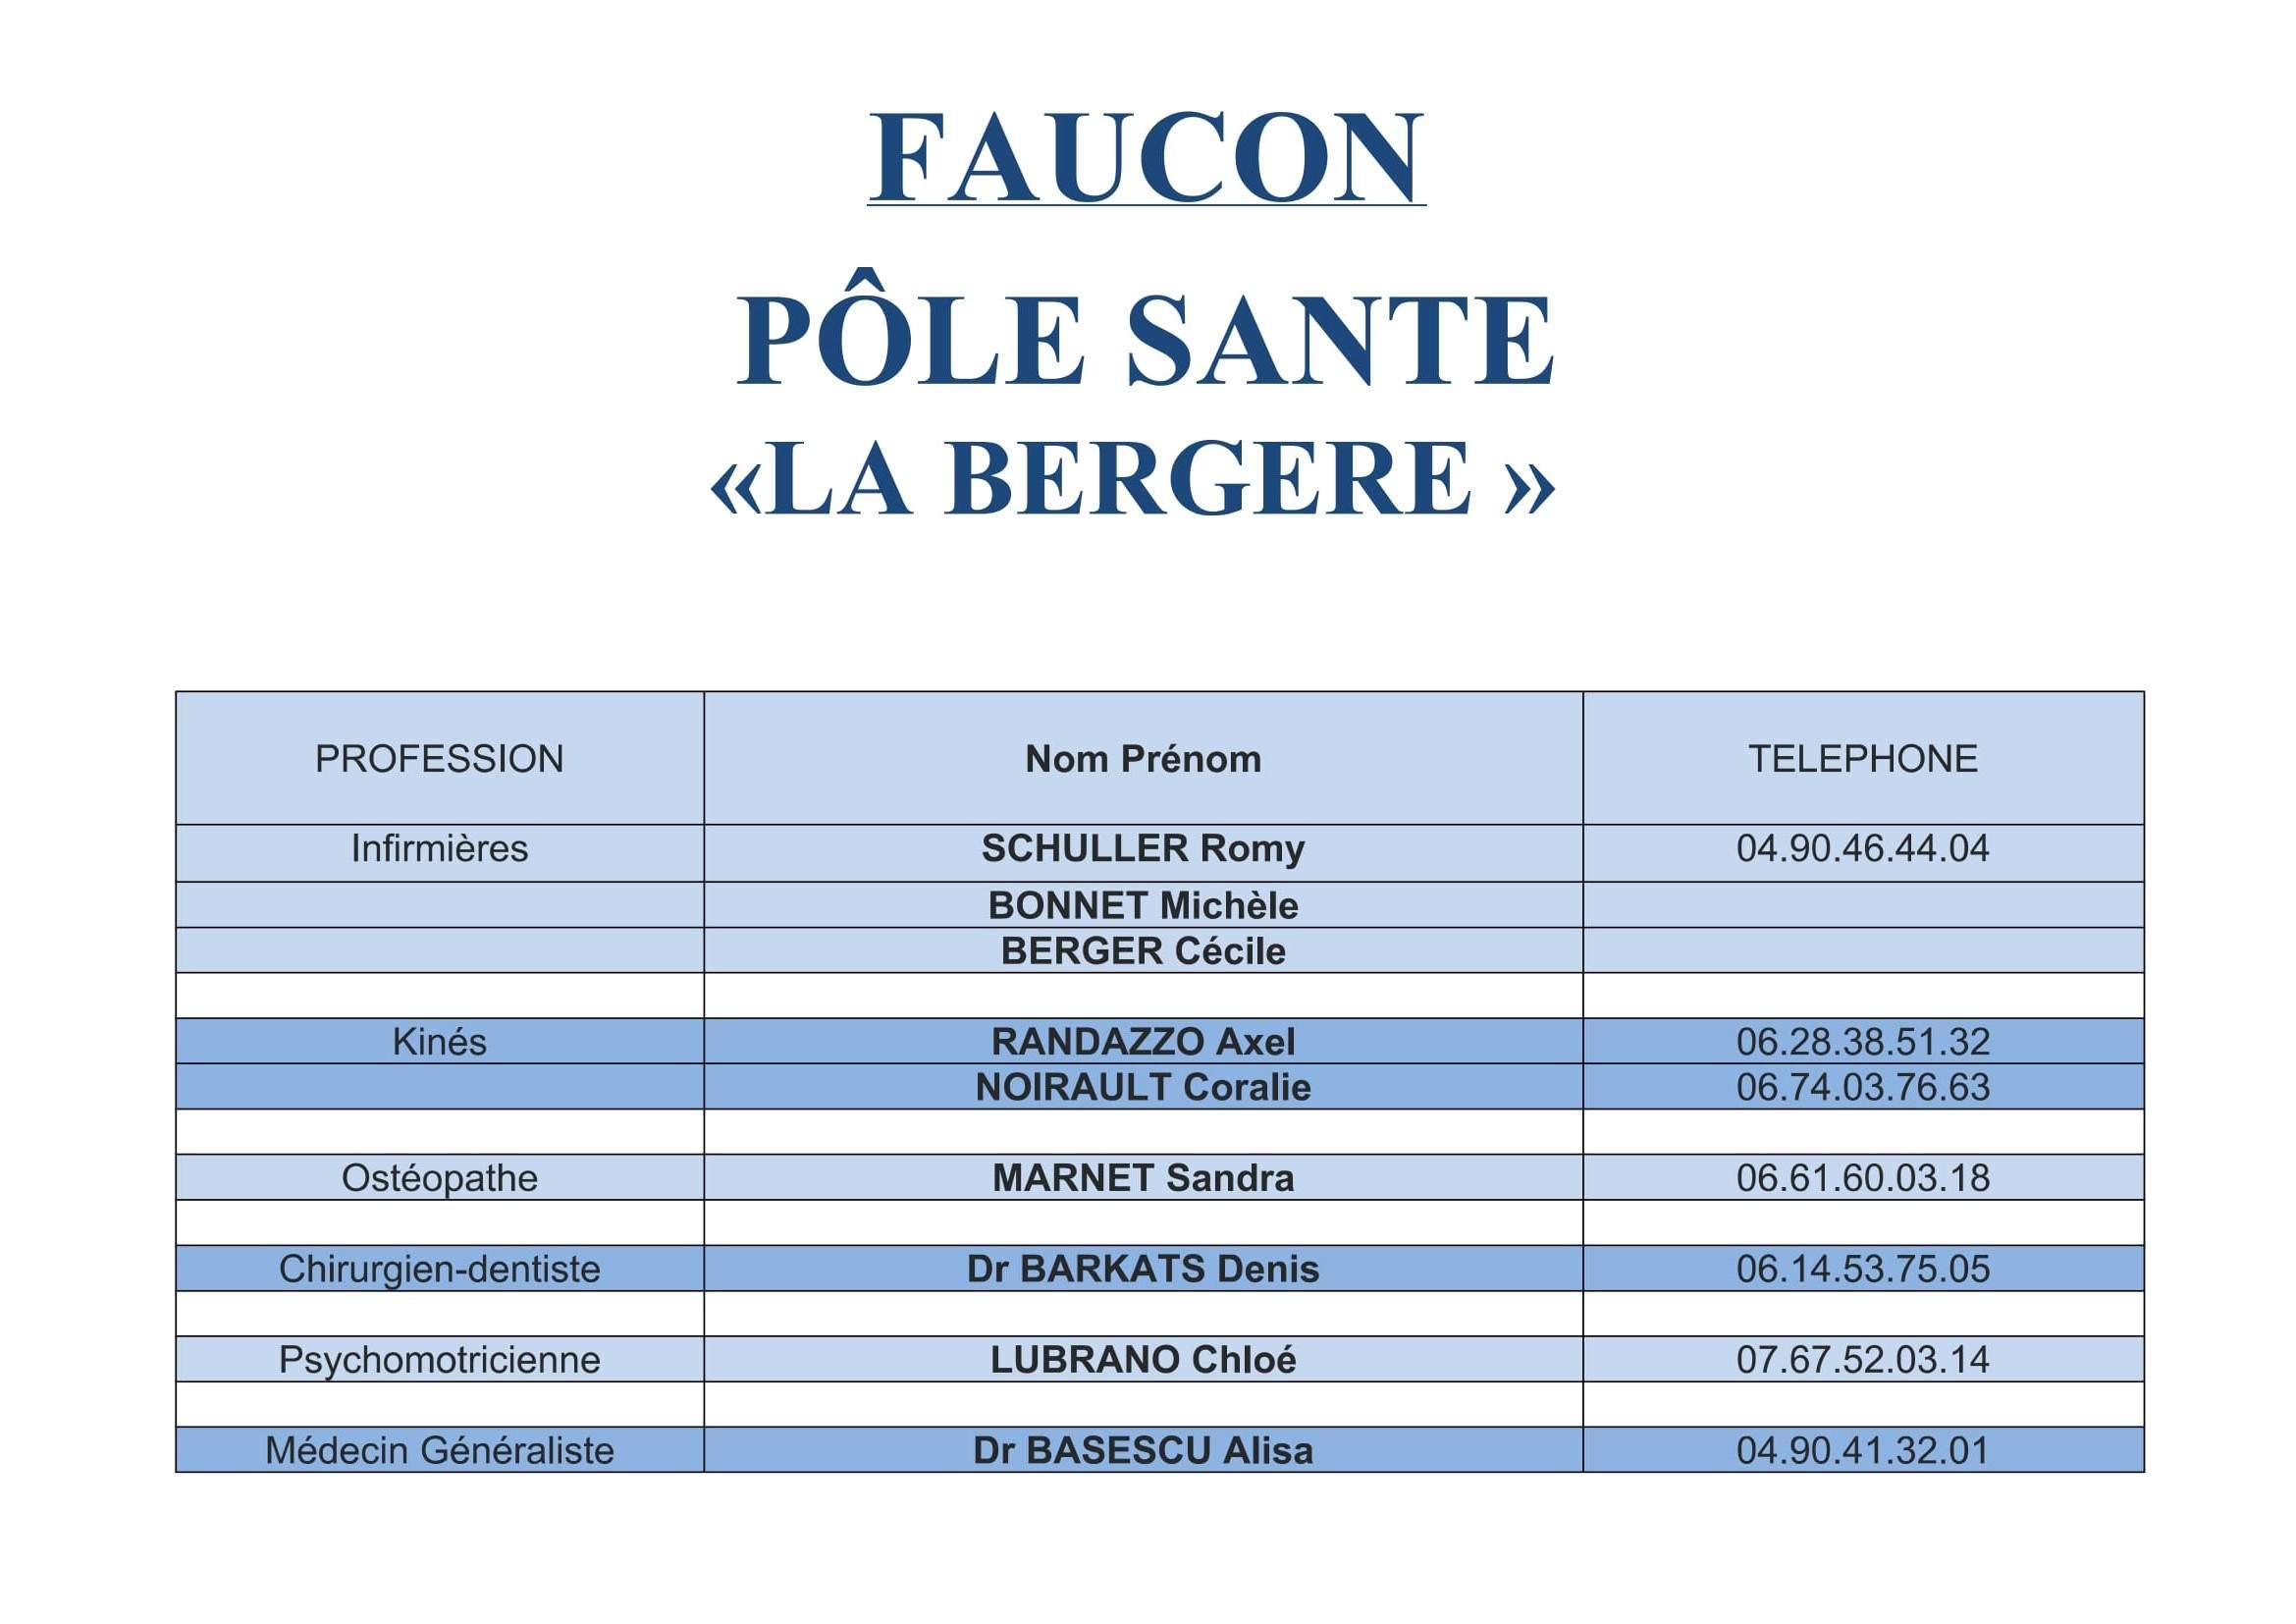 Pôle Santé « La Bergère » à Faucon